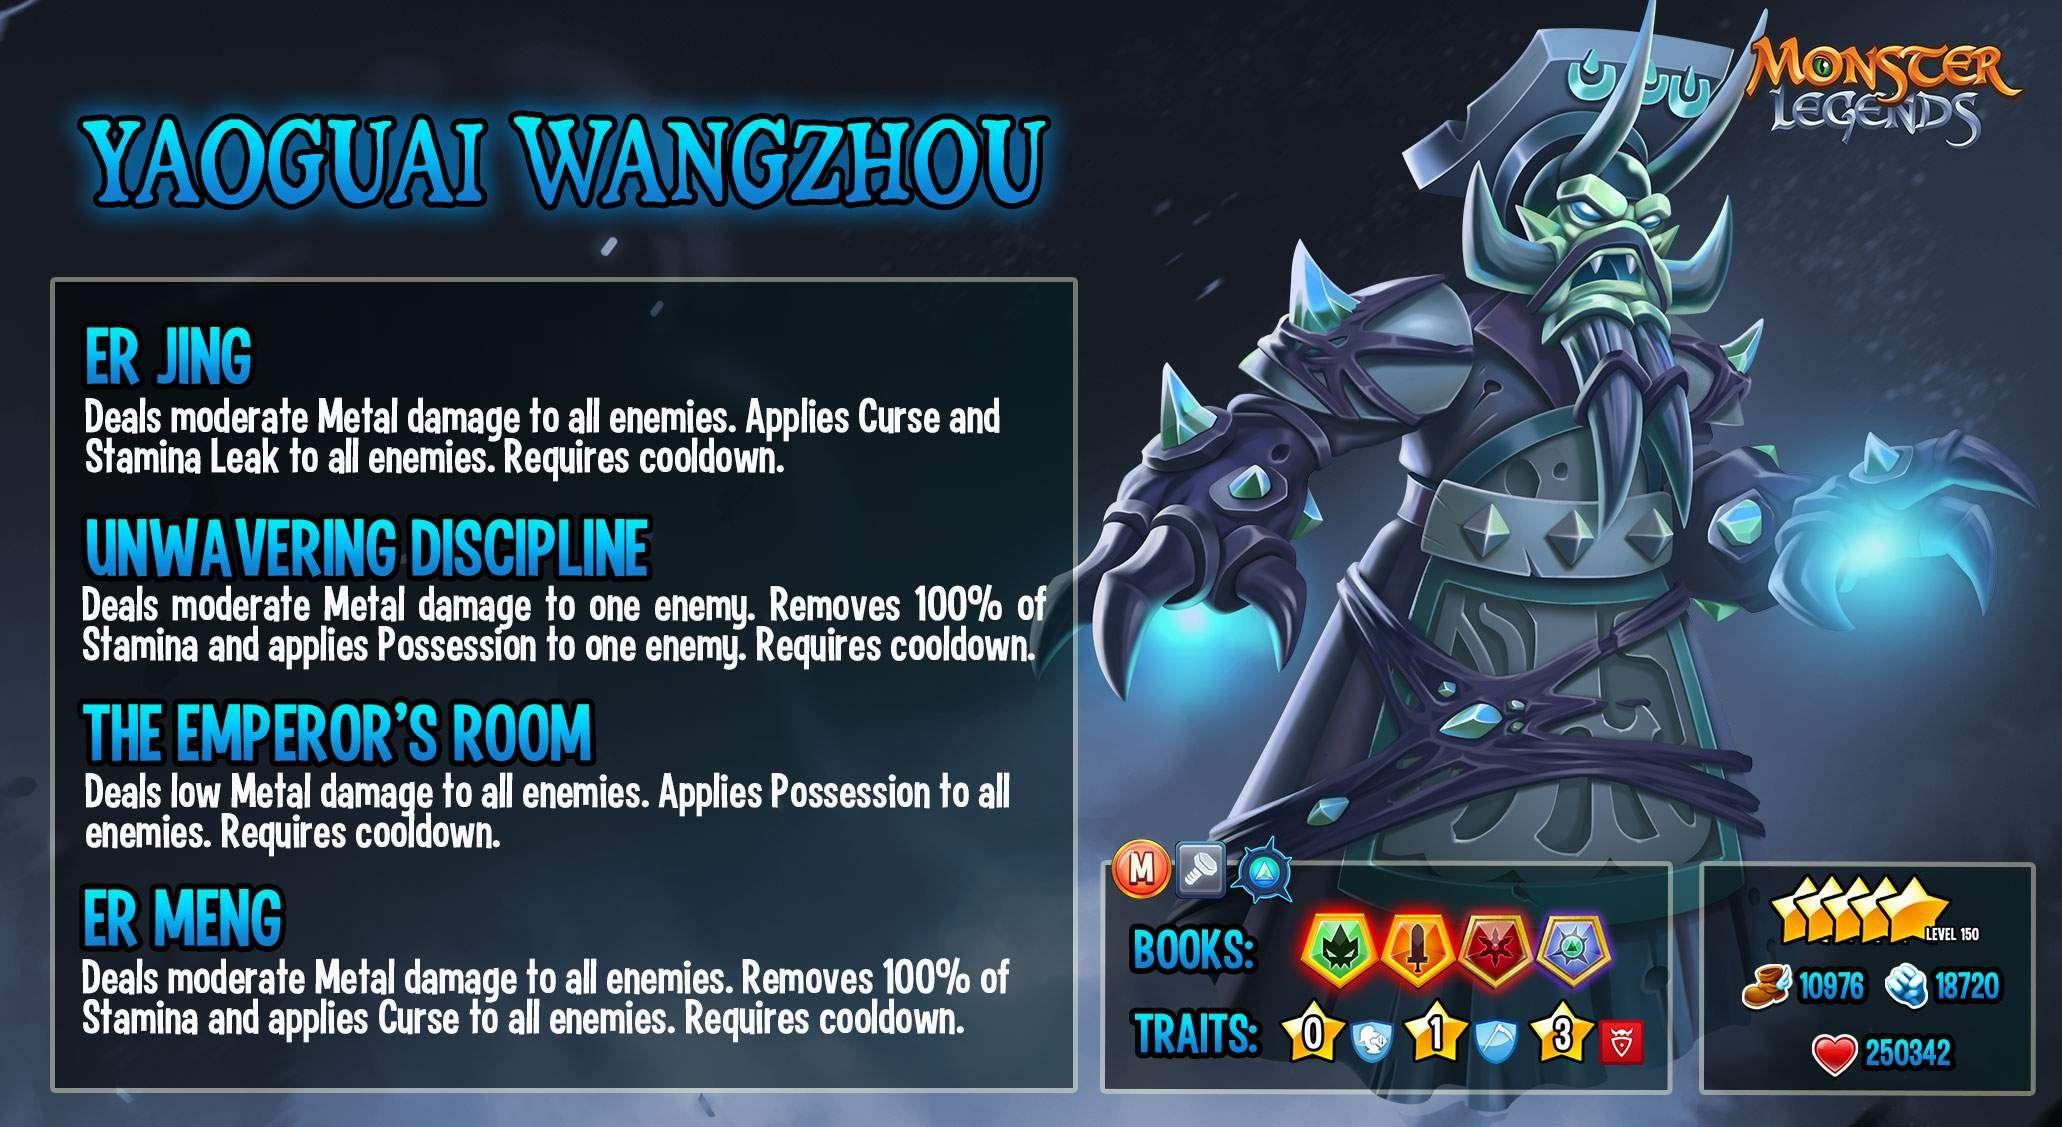 0_1617025801989_Yaoguai-Wangzhou.jpg